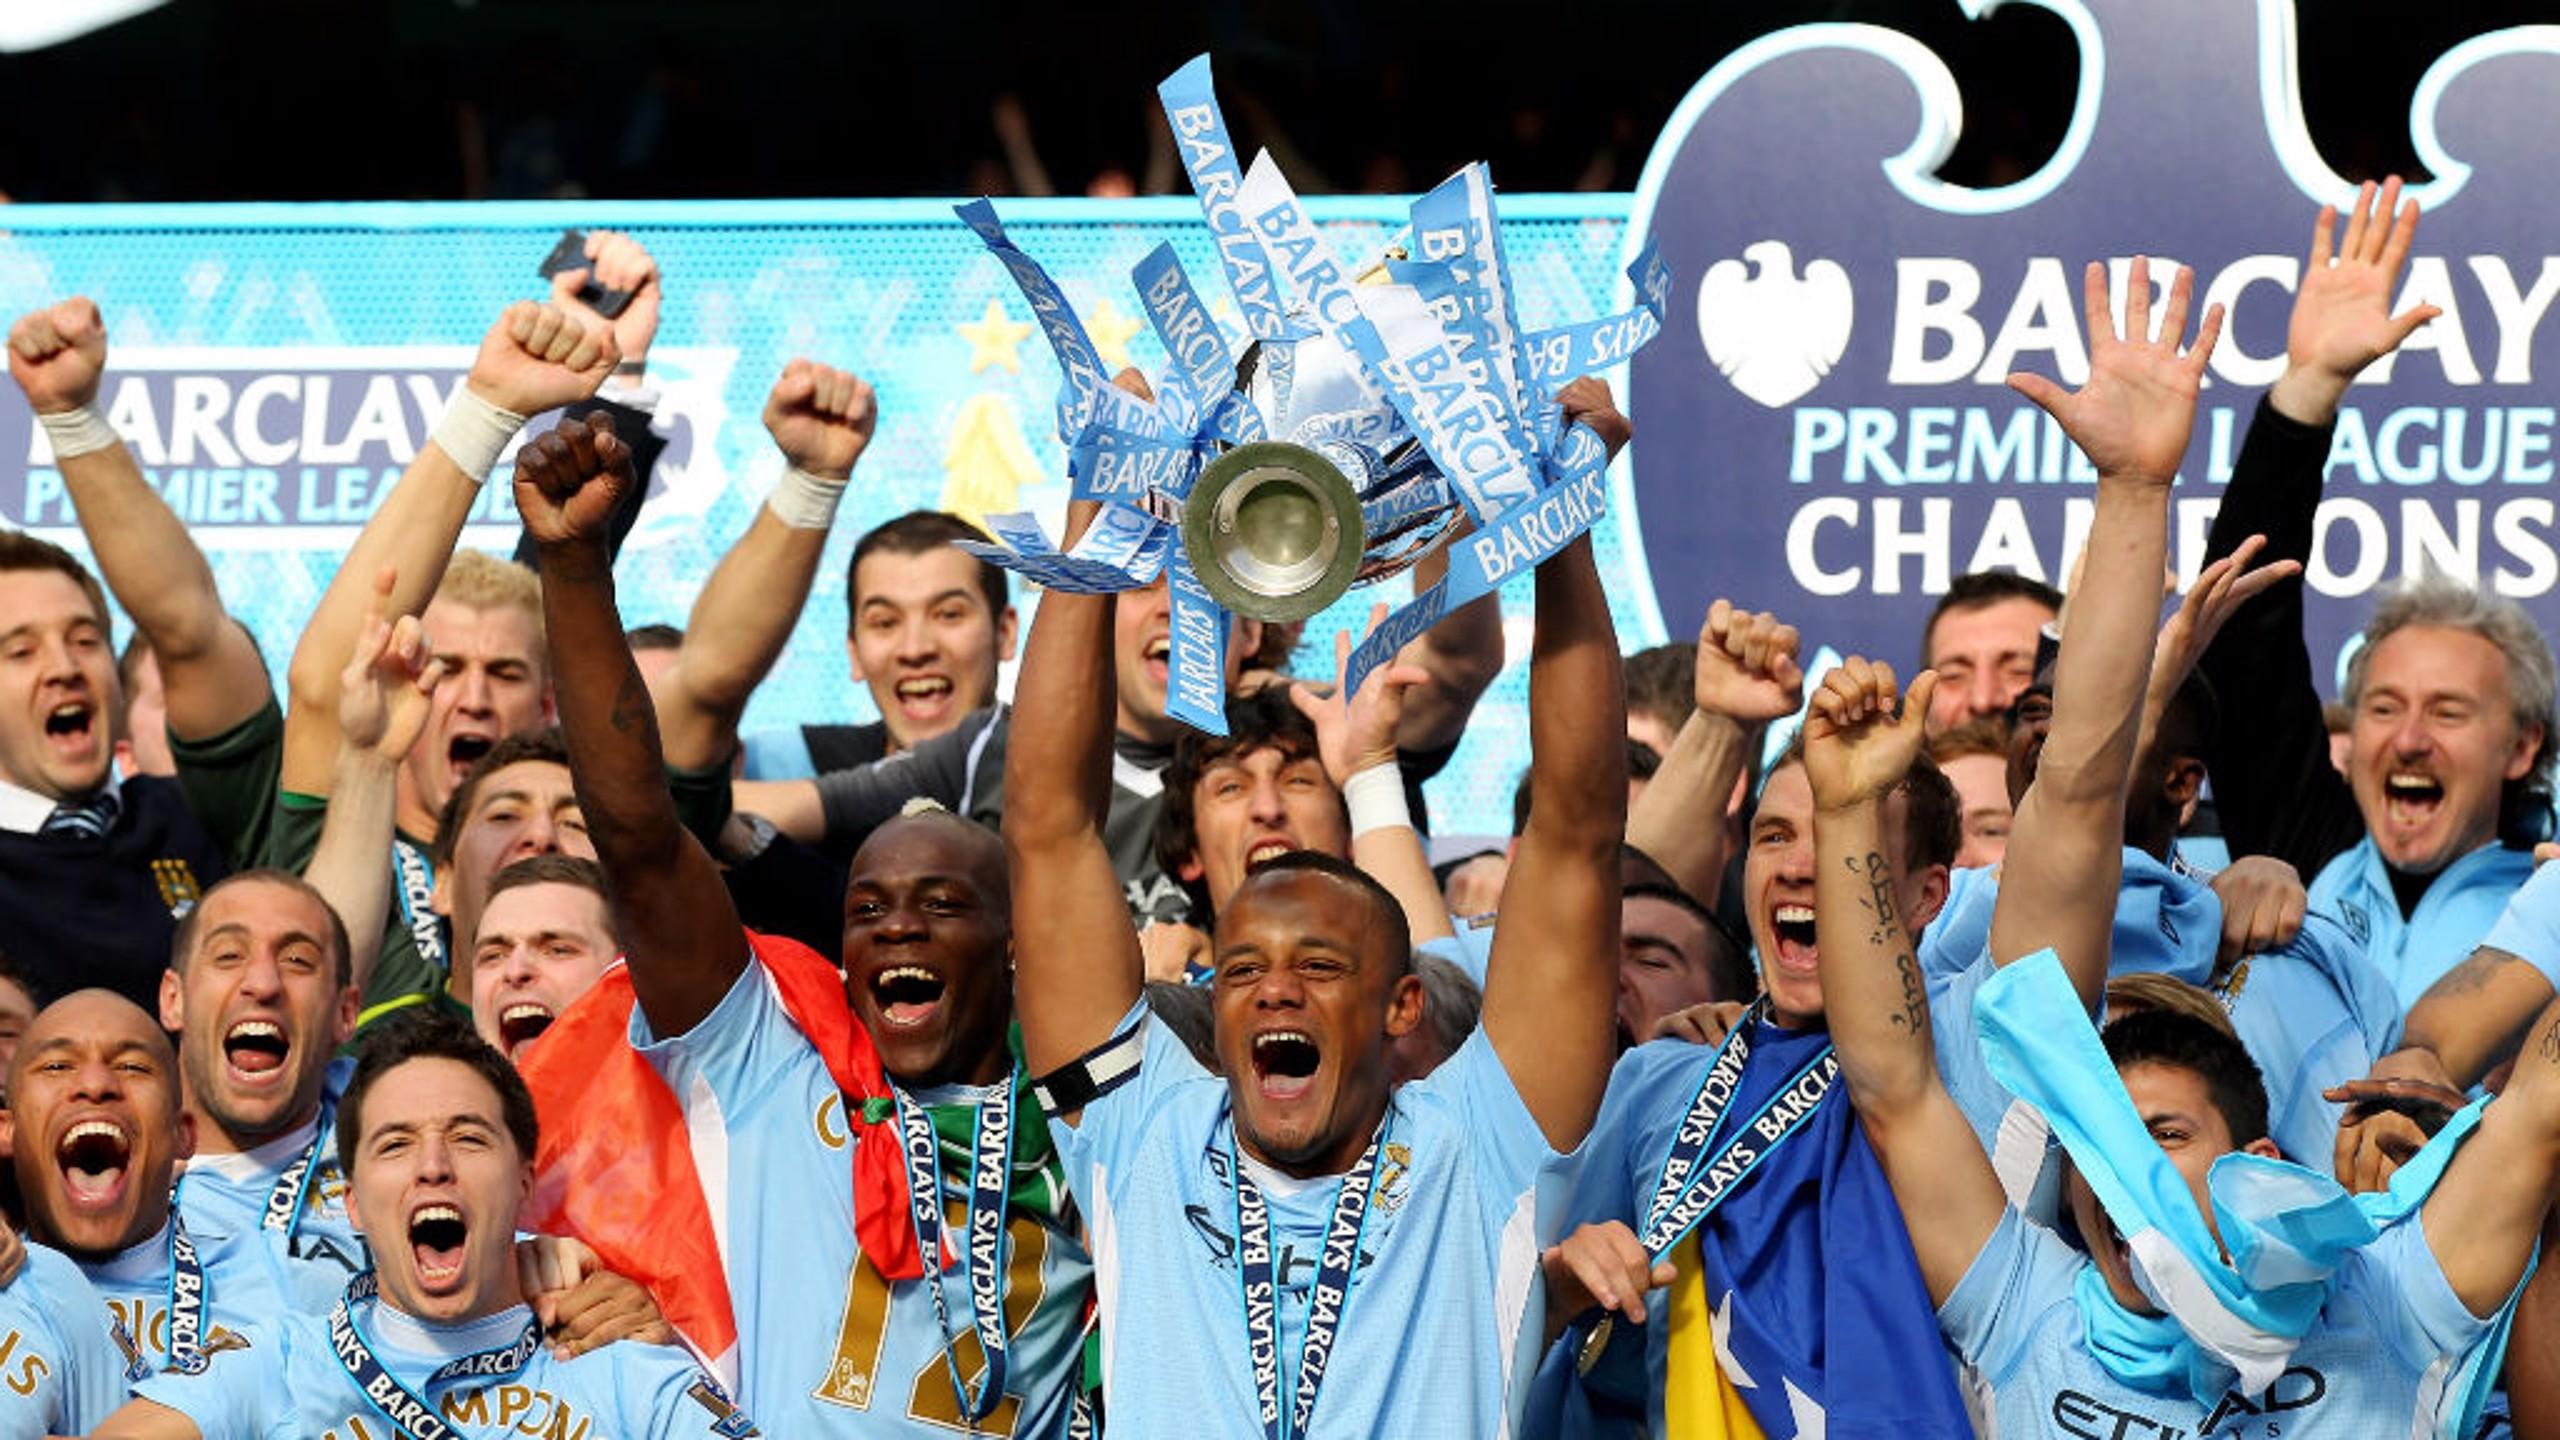 2012: Siapa yang bisa melupakan kemenangan dramatis gelar Premier League ini?!